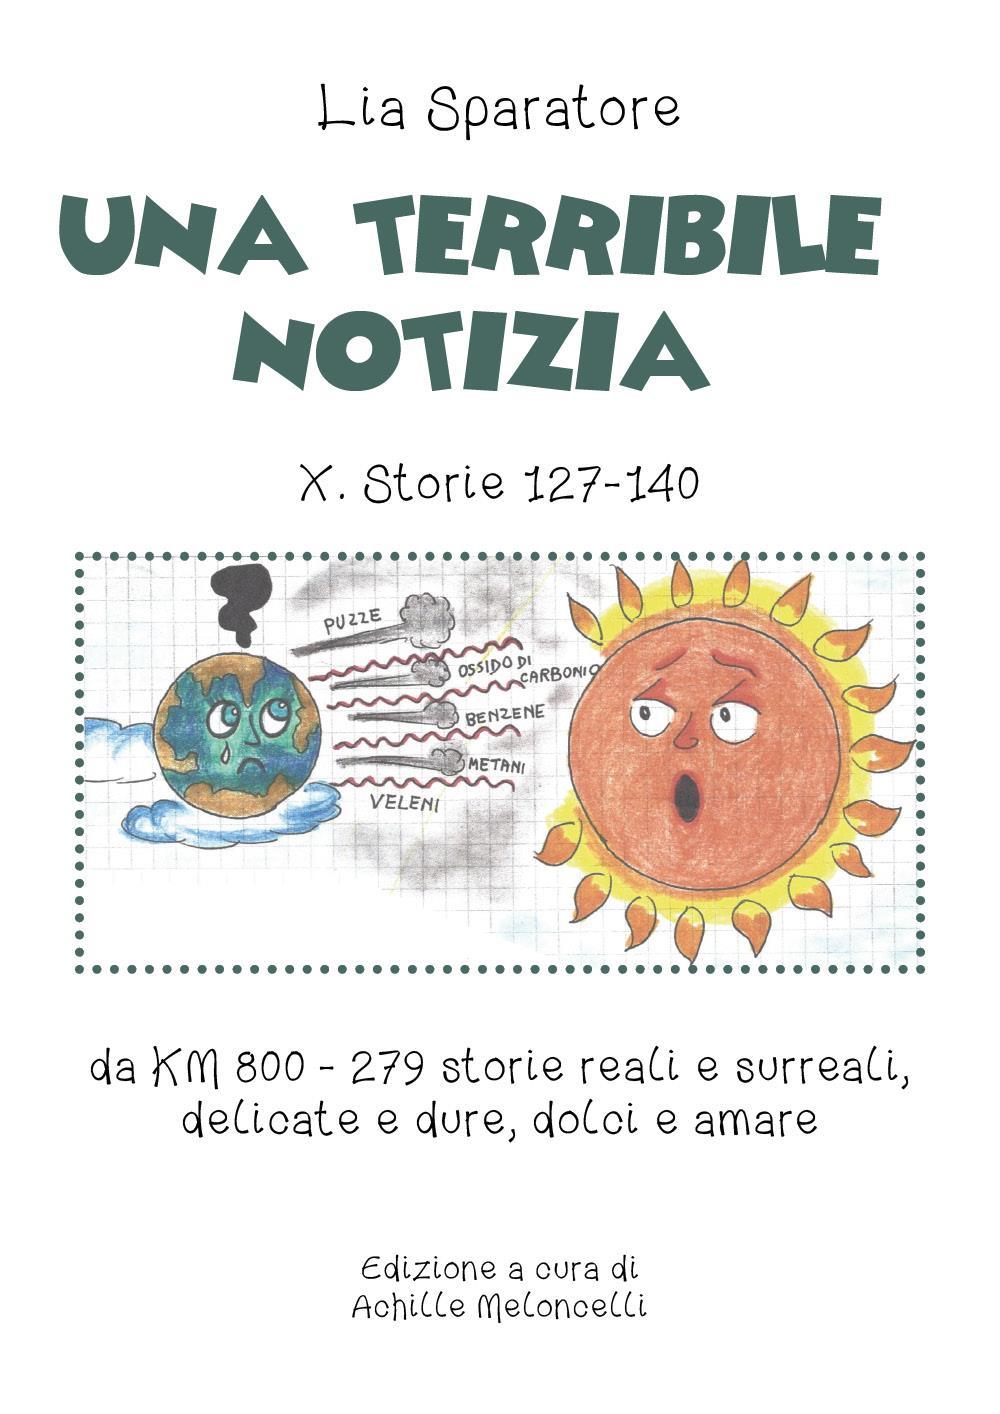 Una terribile notizia X. Storie 127-140 da KM 800 - 279 storie reali e surreali, delicate e dure, dolci e amare